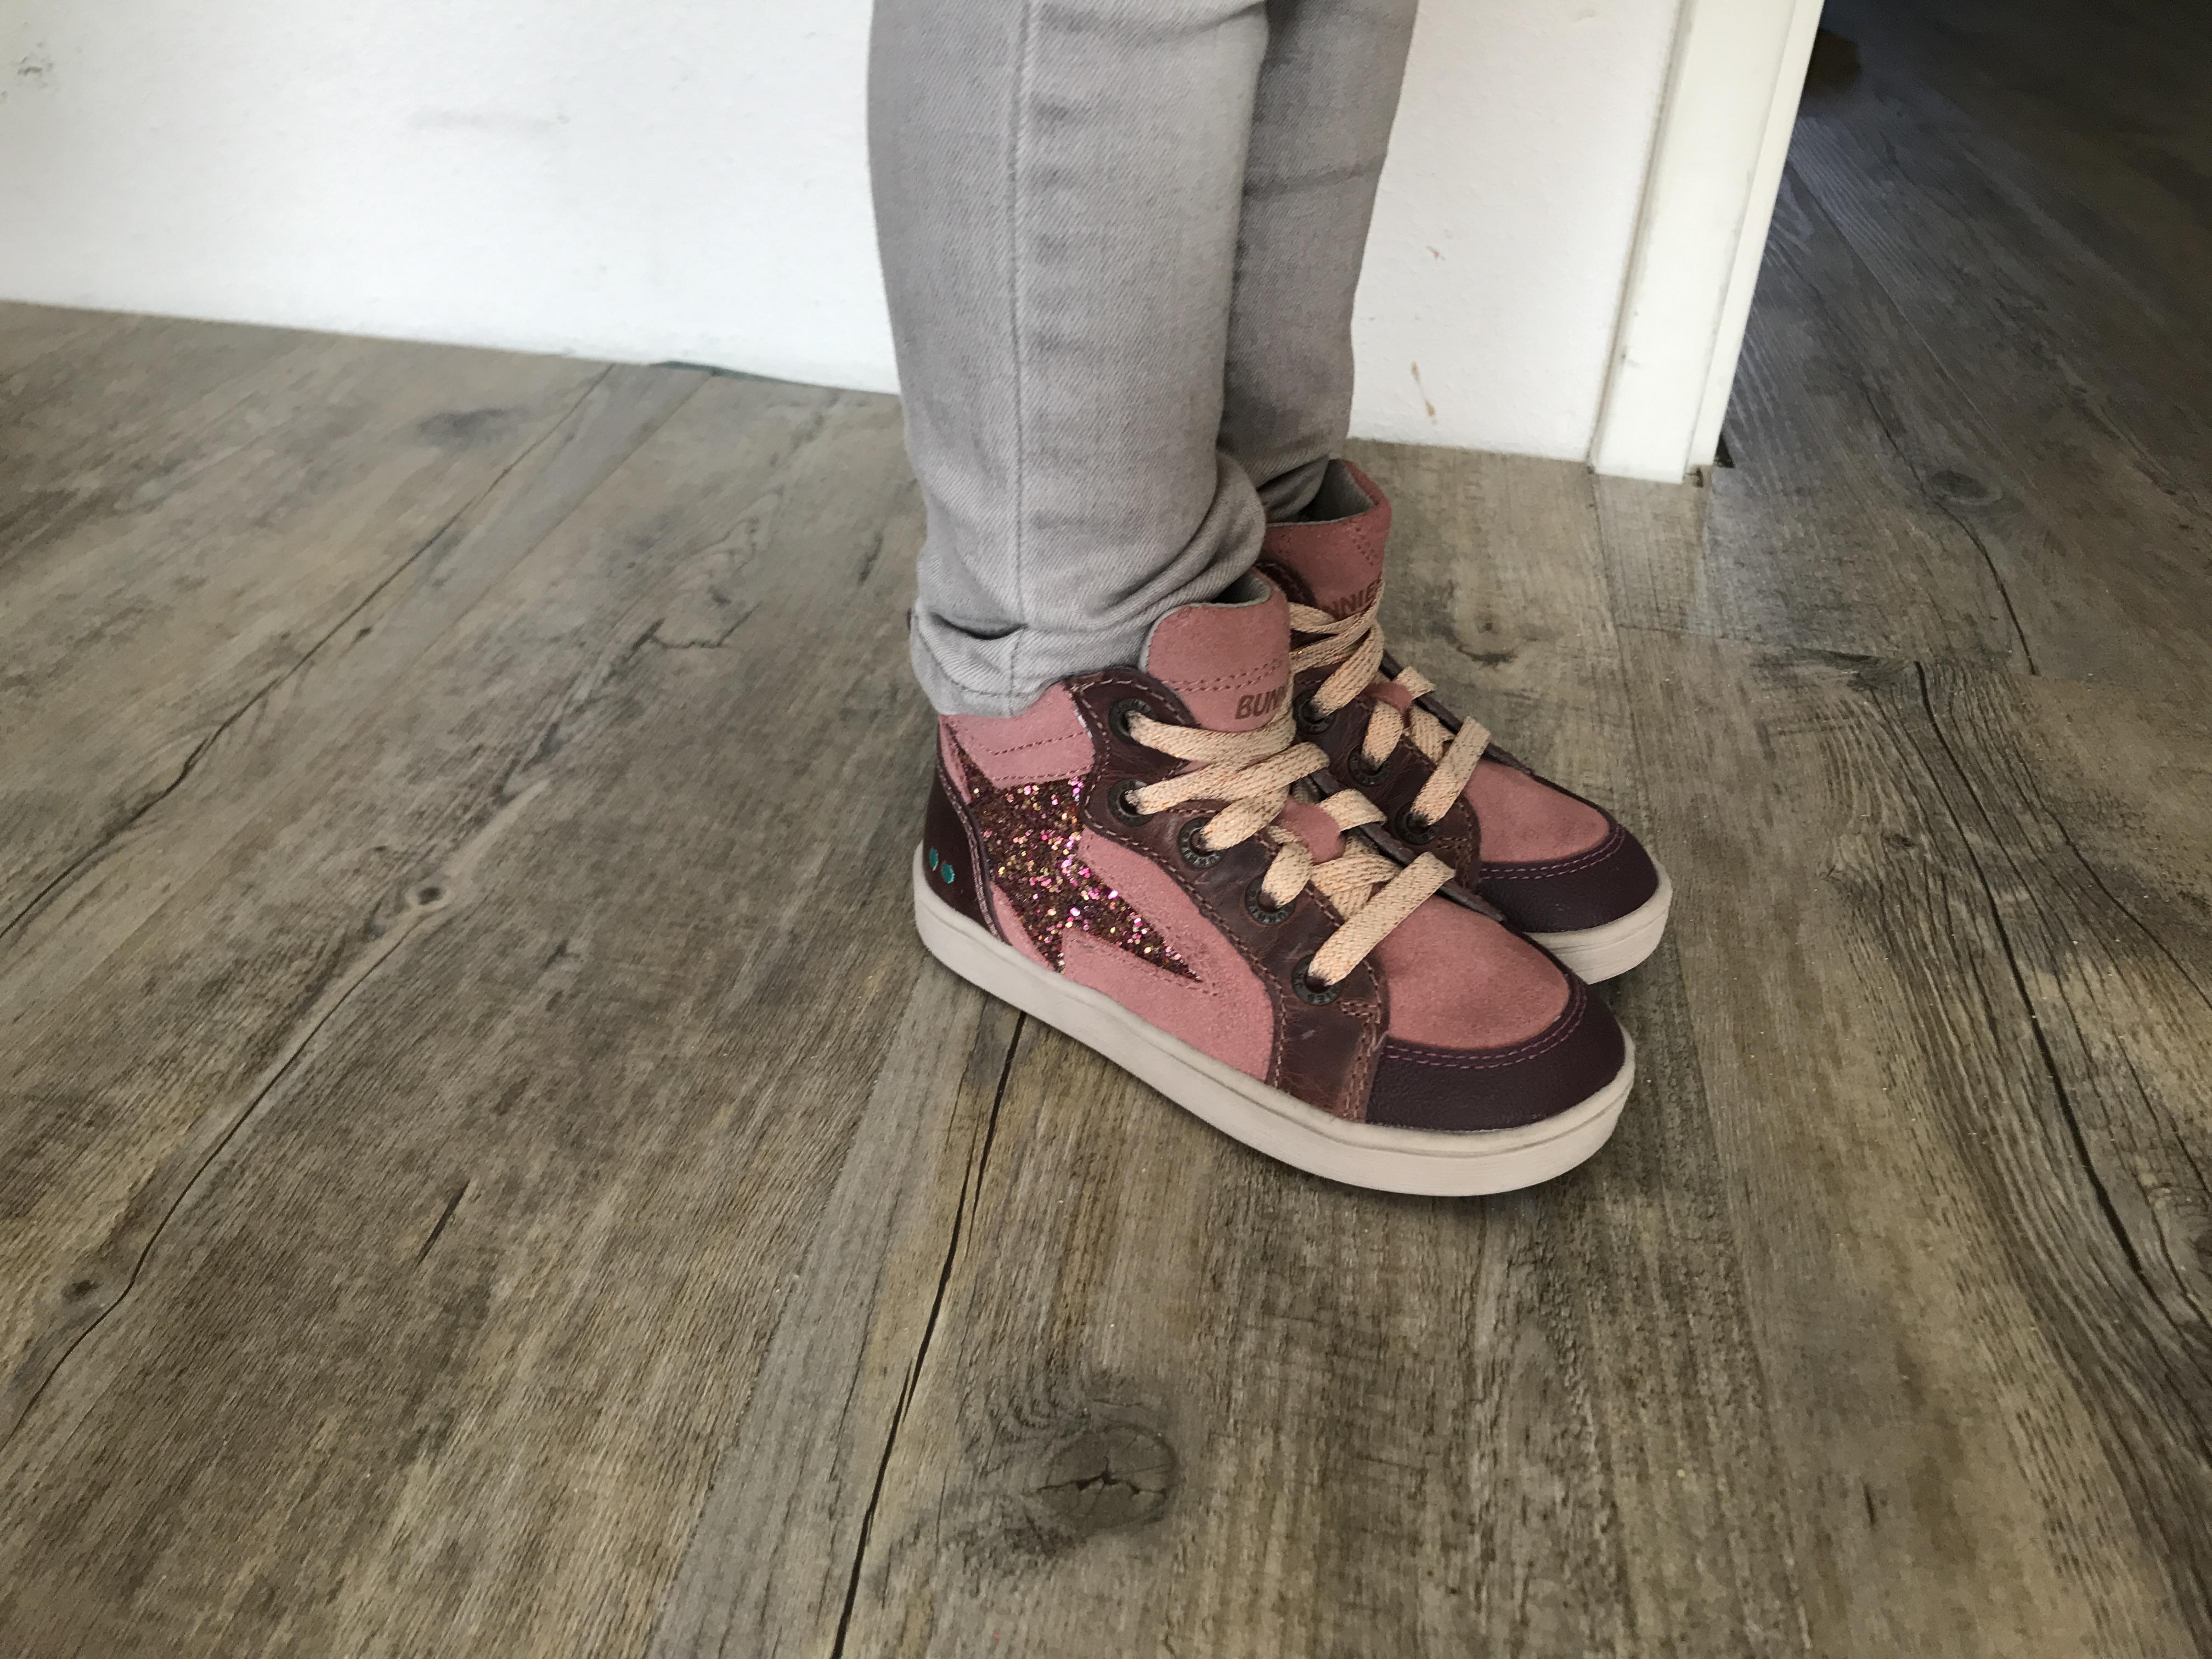 8fae55ed2ef Deze schoenen kan je matchen met veel verschillende broeken. Nola draagt  tegenwoordig veel spijkerbroeken aangezien ze dat elke keer zelf wil.